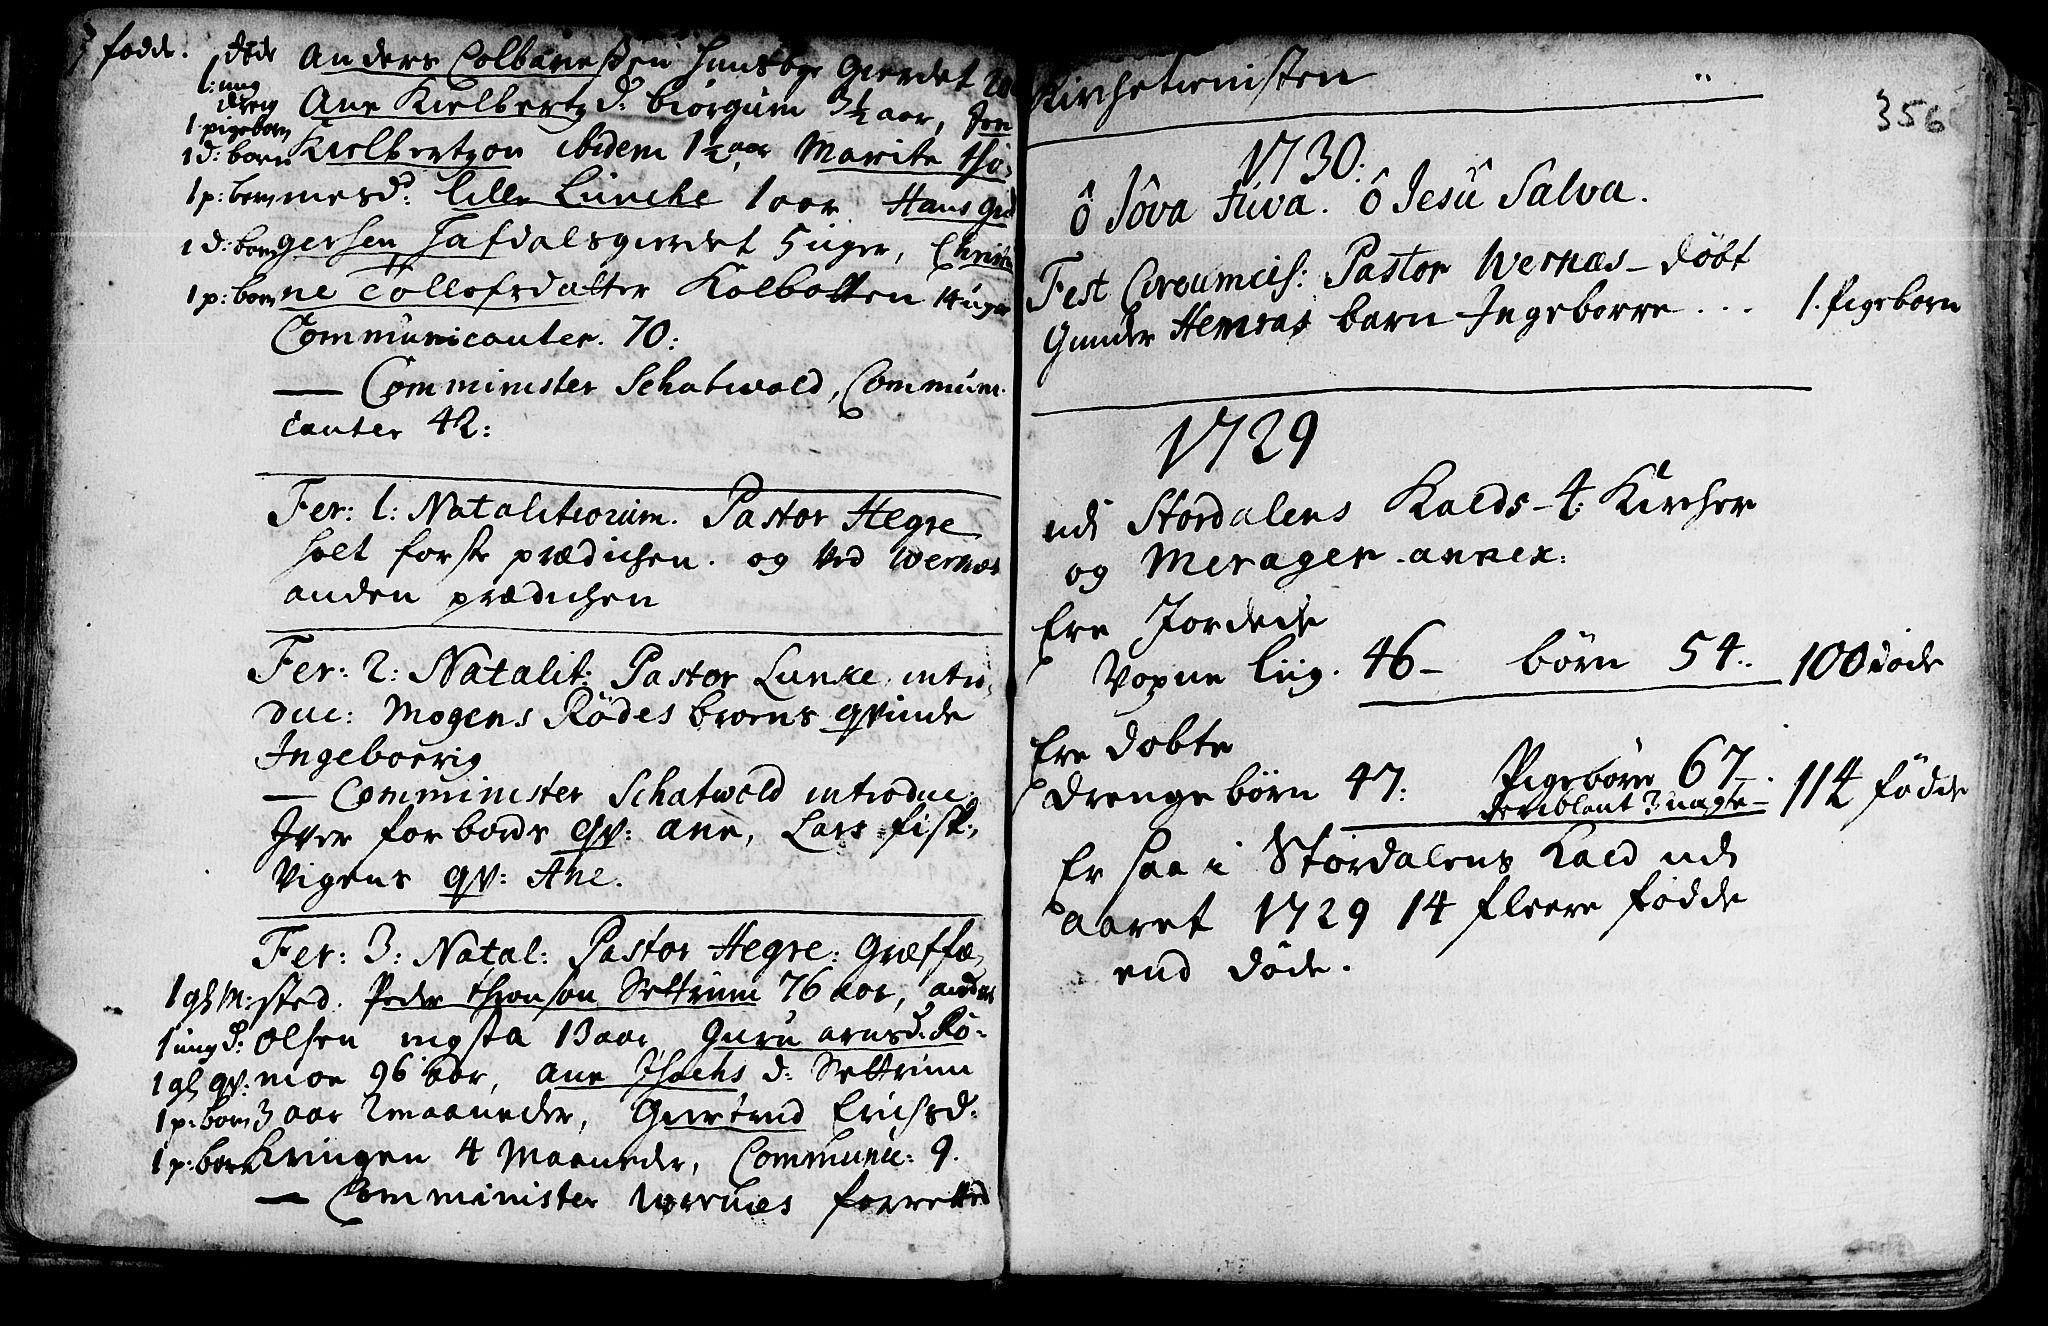 SAT, Ministerialprotokoller, klokkerbøker og fødselsregistre - Nord-Trøndelag, 709/L0054: Ministerialbok nr. 709A02, 1714-1738, s. 355-356